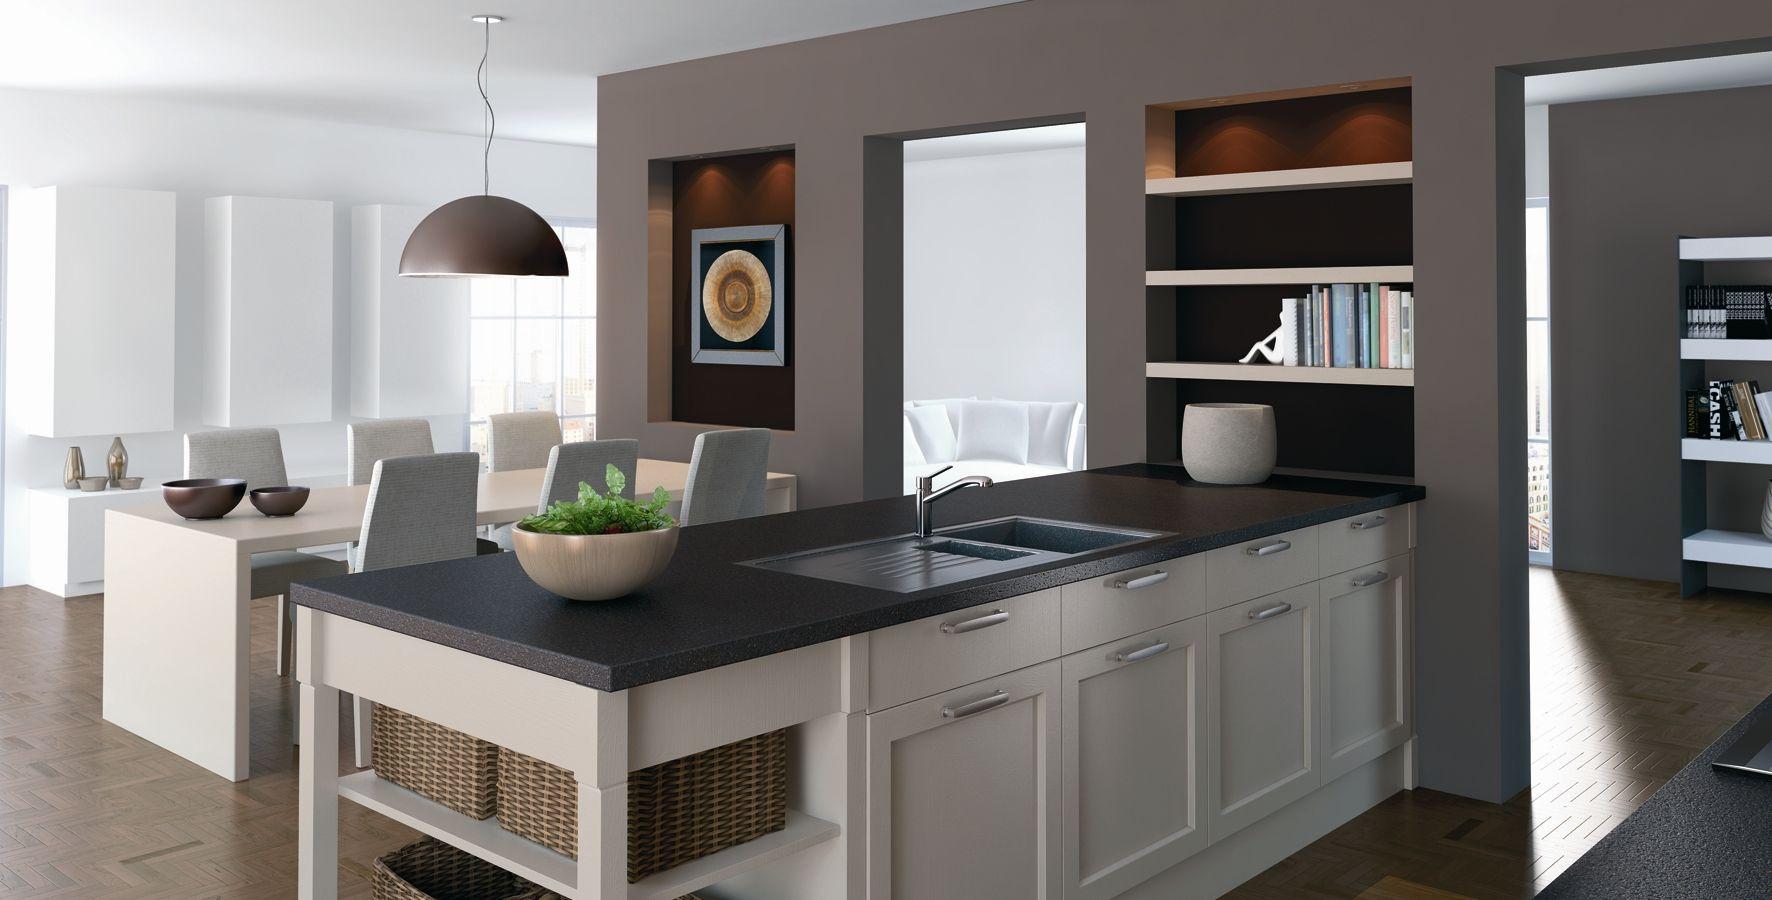 catalogo de cocinas minimalistas | inspiración de diseño de